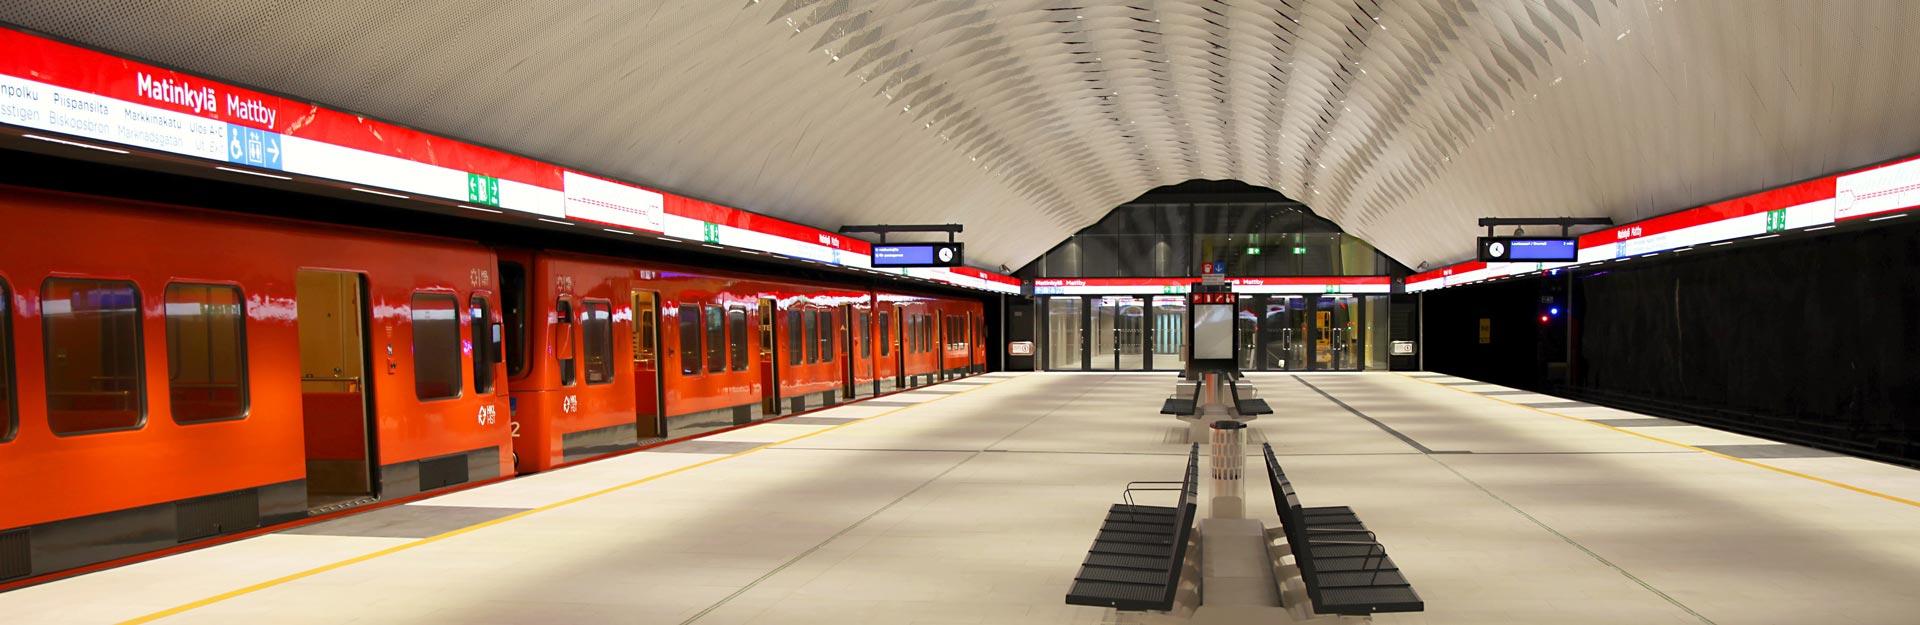 Matinkylän metroasema